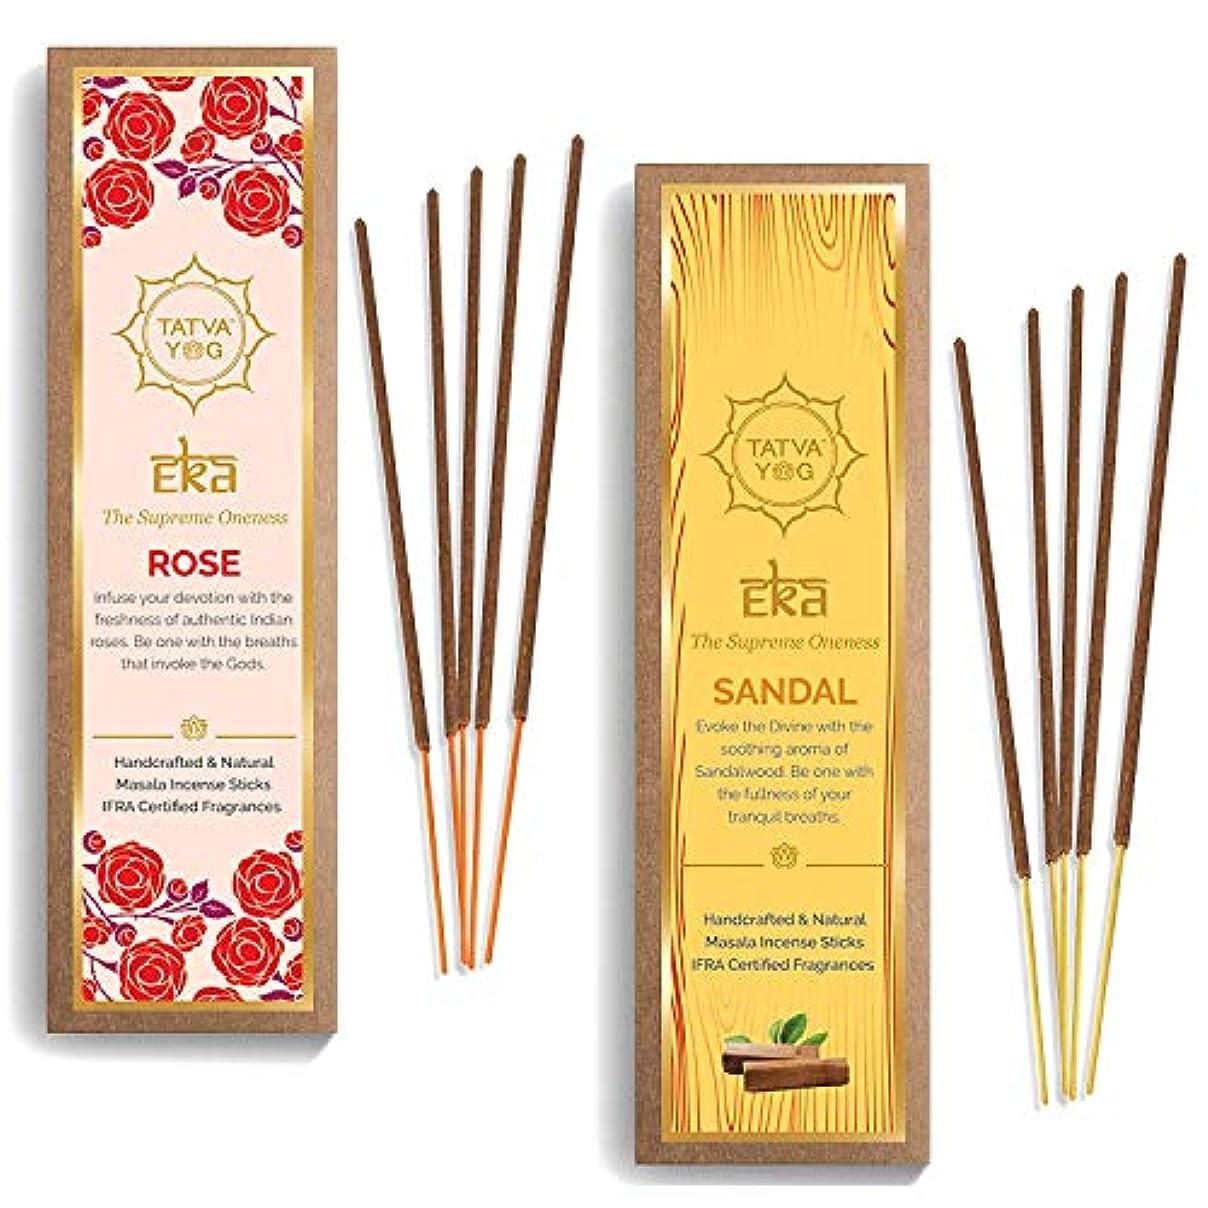 不名誉サンダー芽Tatva YOG - Eka Rose and Sandal Handcrafted Natural Masala Incense Sticks